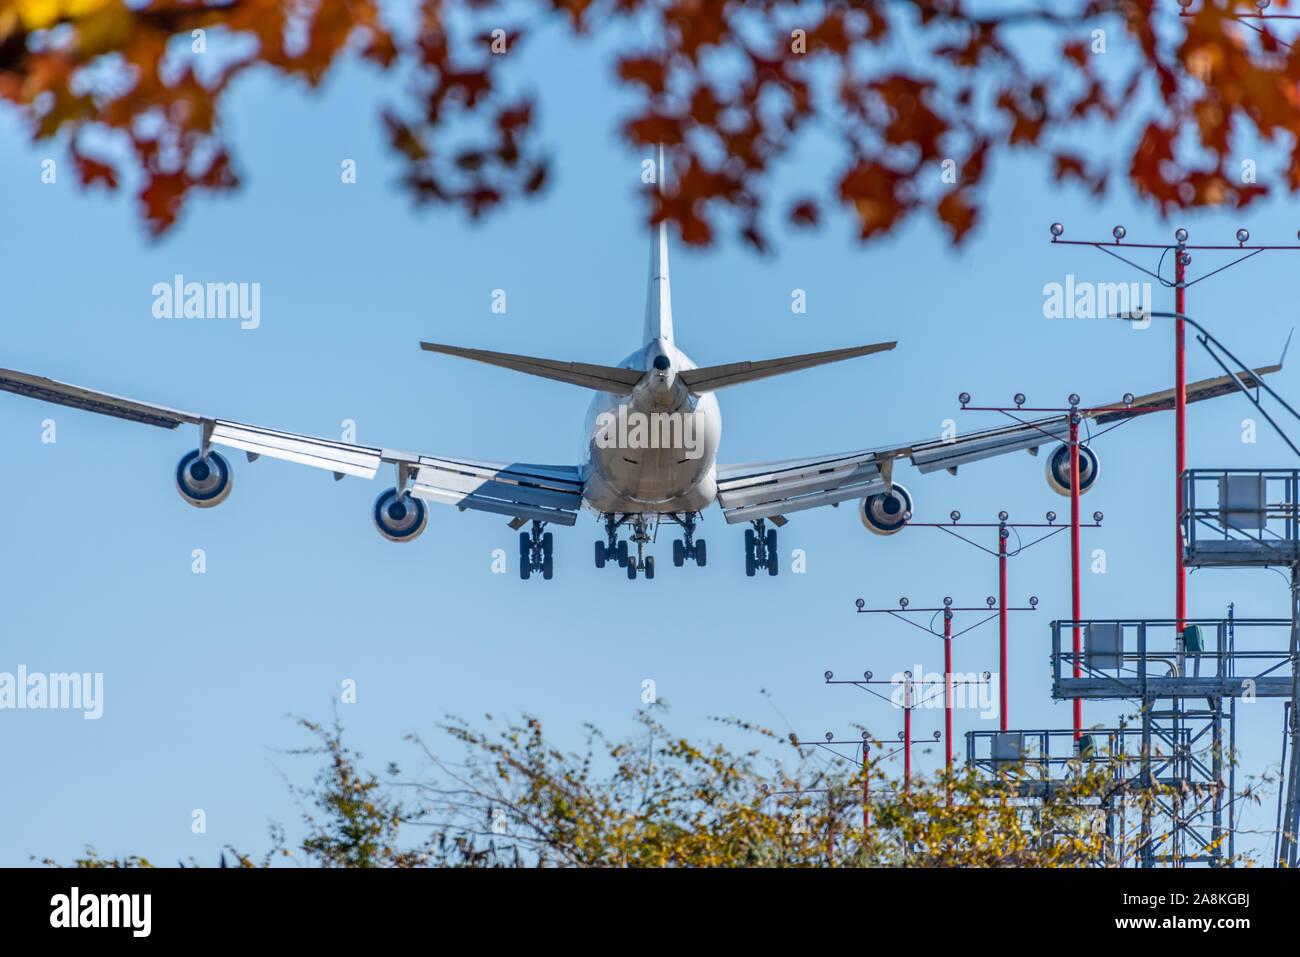 Avión de pasajeros en la aproximación para el aterrizaje en el Aeropuerto Internacional Hartsfield-Jackson de Atlanta en un hermoso día de otoño en Atlanta, Georgia. (Ee.Uu.) Foto de stock